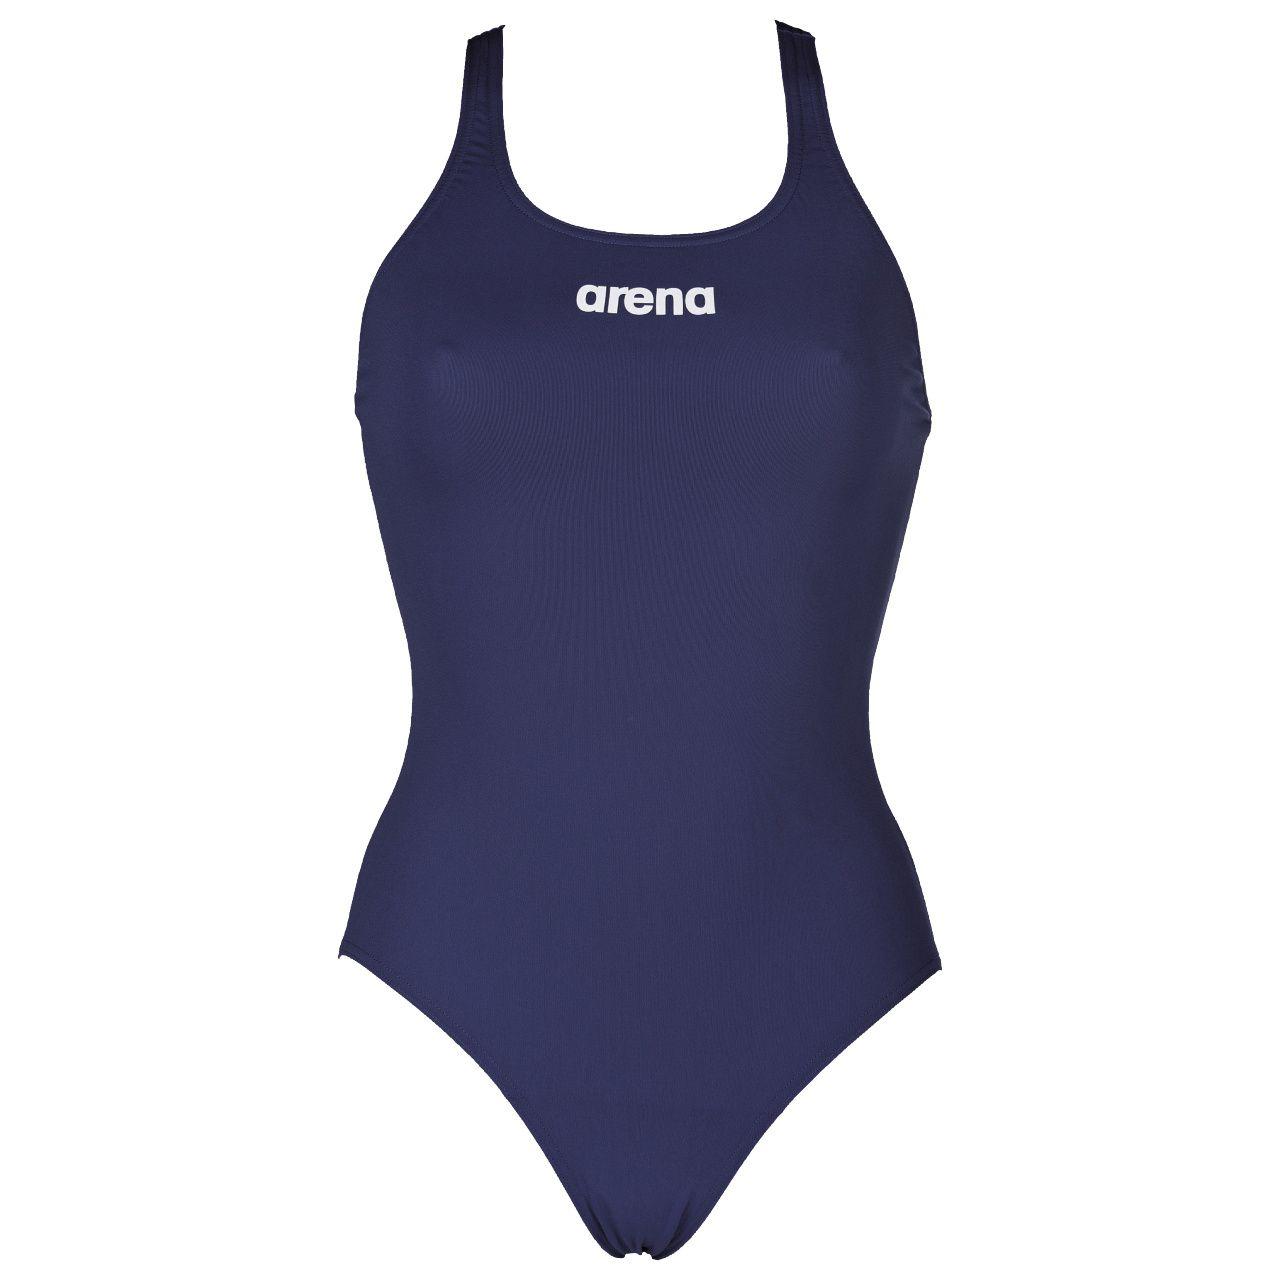 Traje de Baño Deportivo arena para Niña Solid Swim Pro con Forro_6030